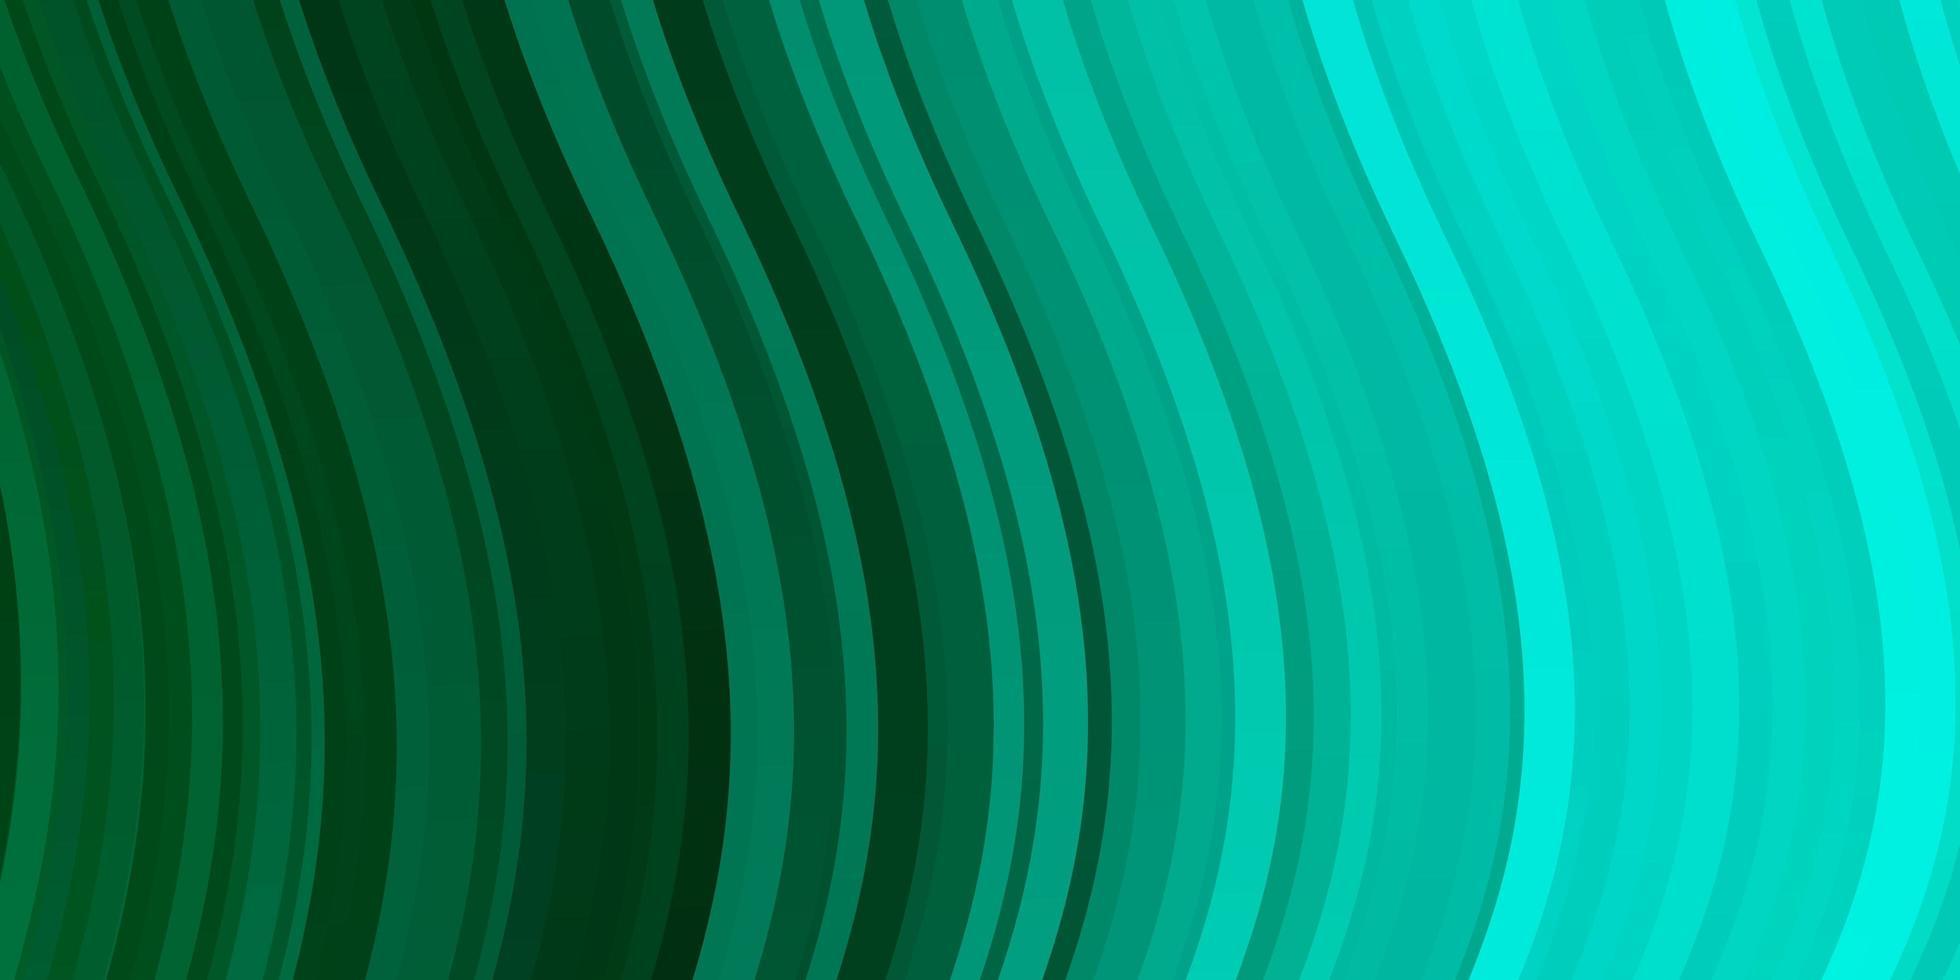 toile de fond de vecteur vert clair avec arc circulaire.